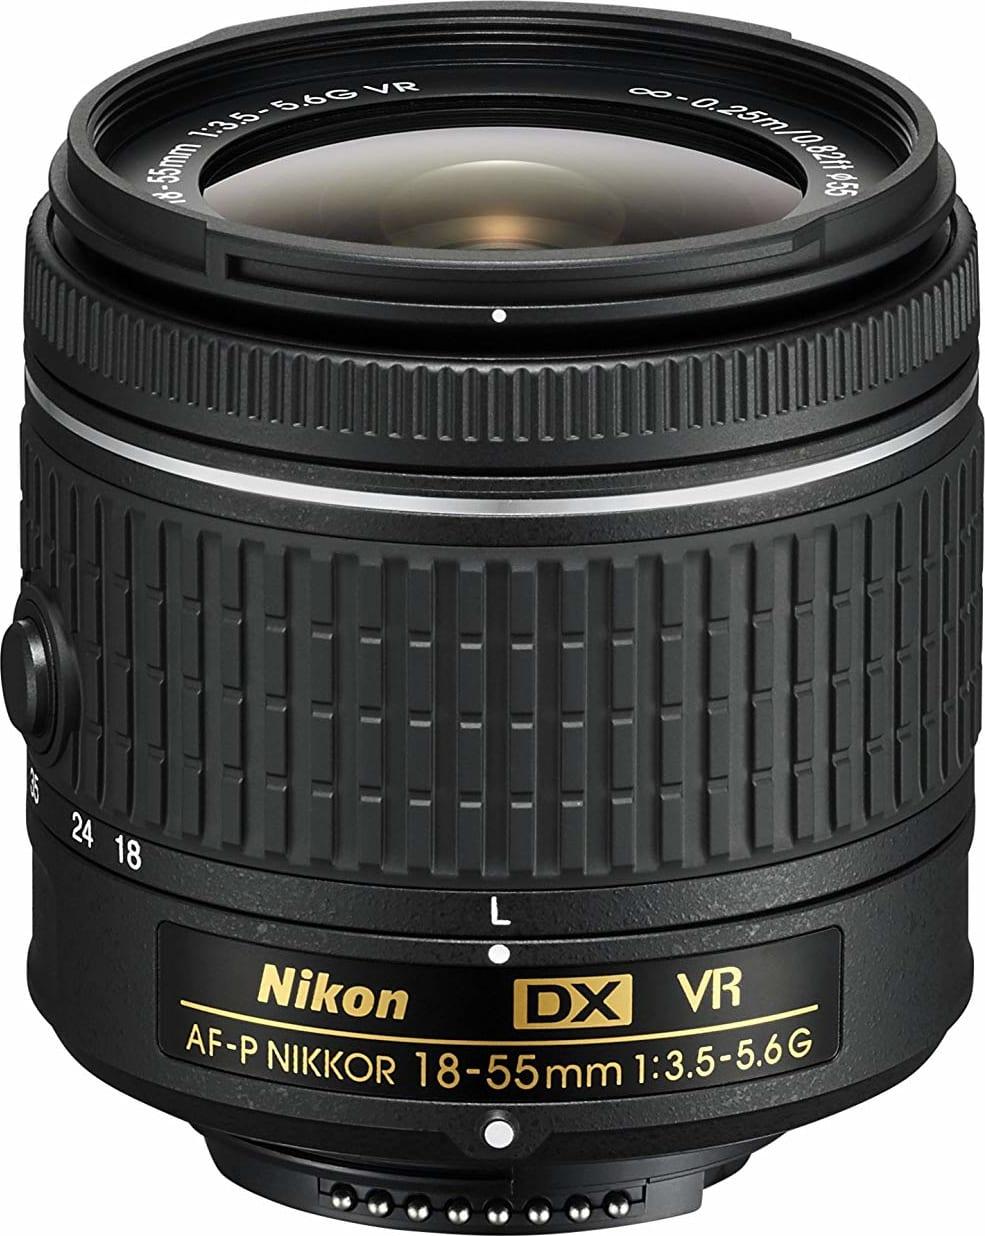 Black Nikon D3300 SLR Digital Camera Kit + AF-P 18-55 VR black.2